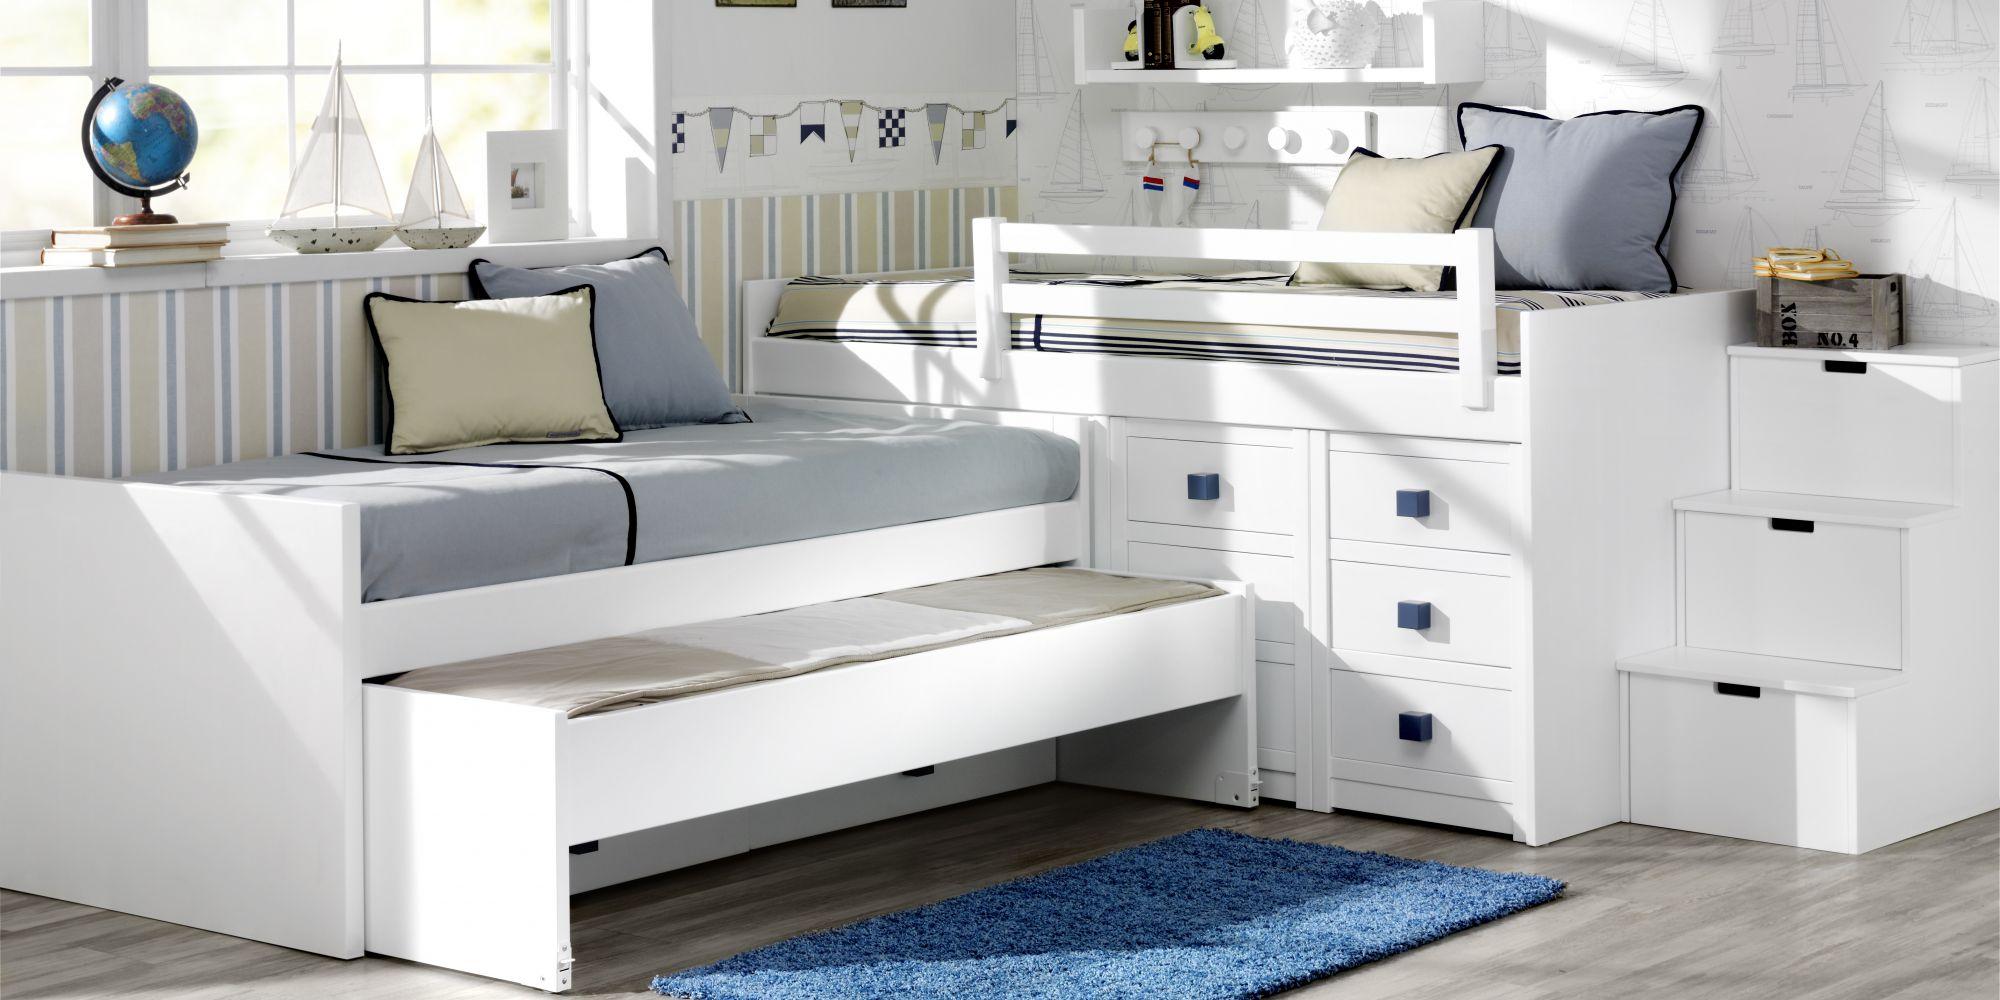 Minicompacto de dos camas más una supletoria